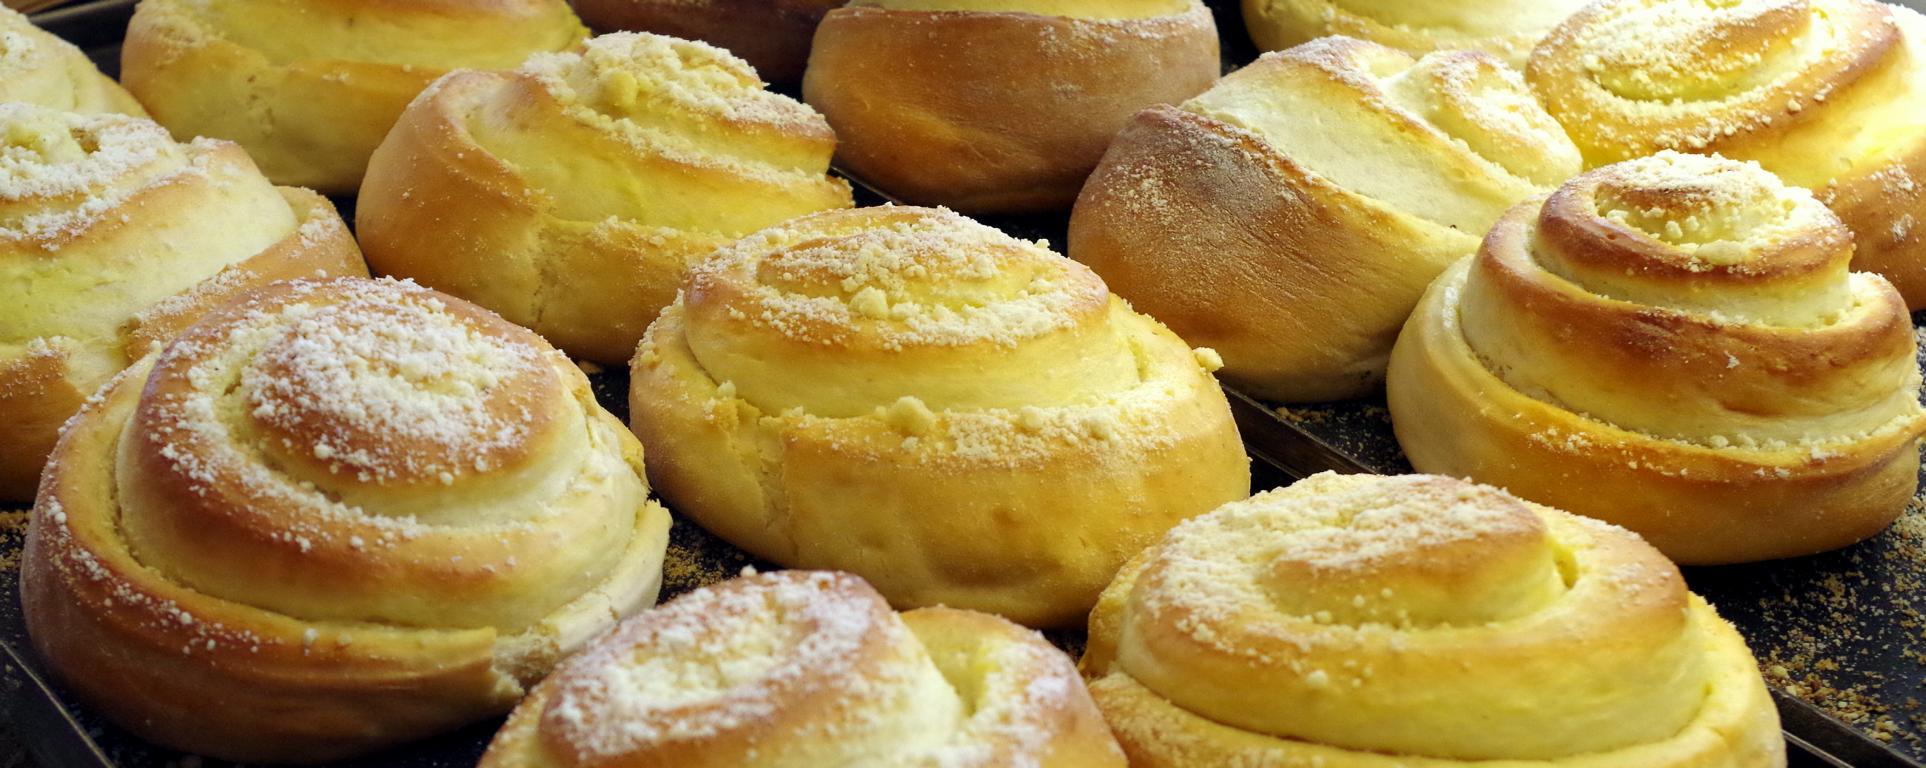 Vanilleschnecken in Reihe auf einem Blech, im Holzofen gebacken.